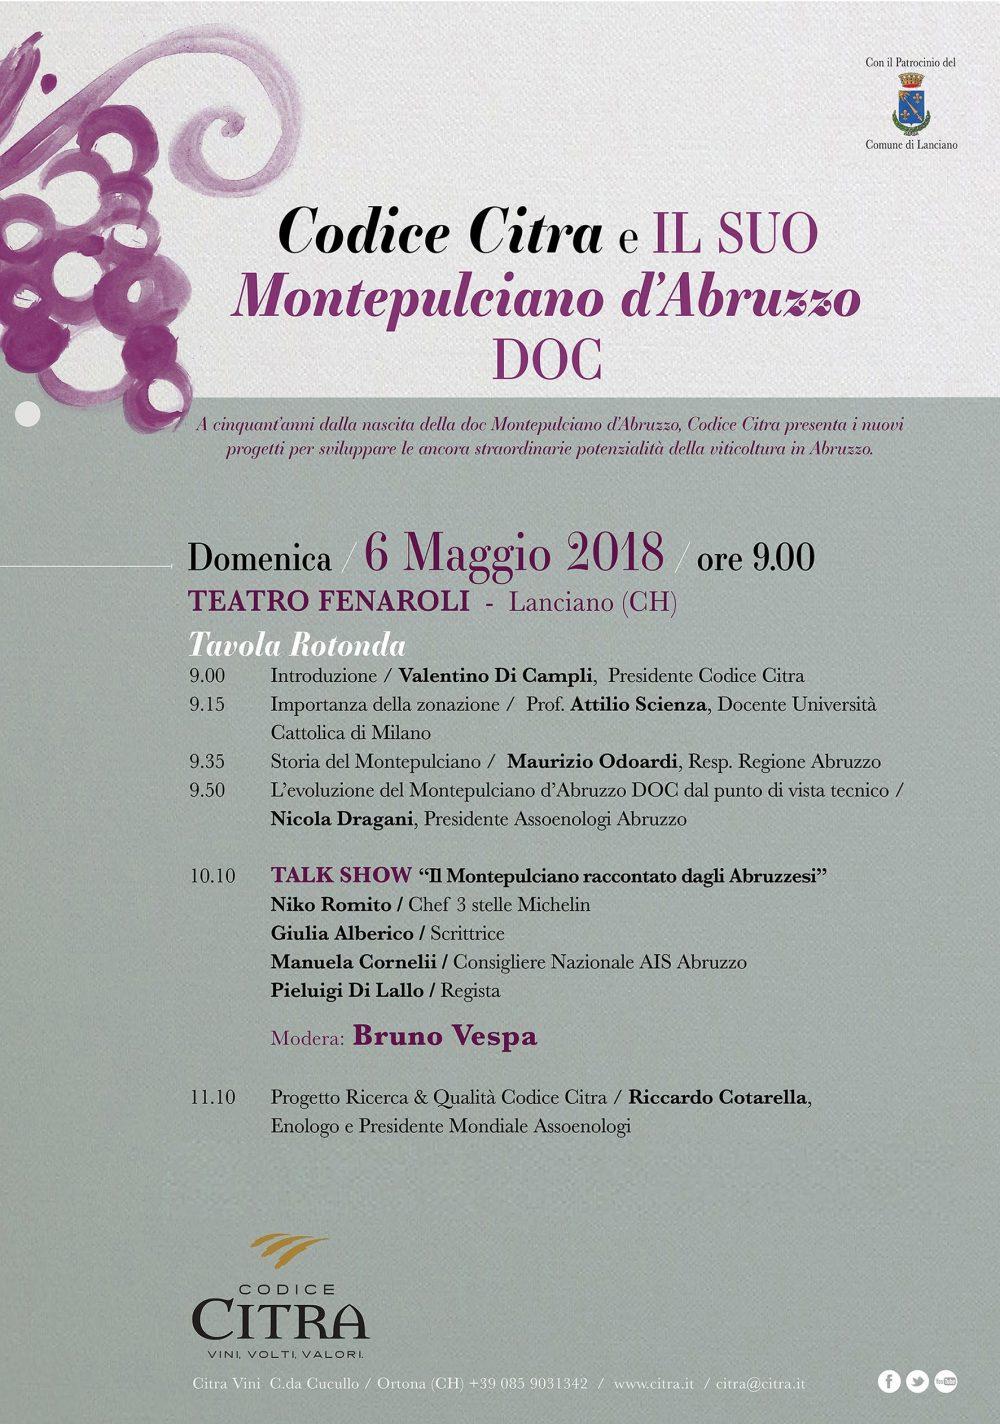 Codice Citra e il Suo Montepulciano d'Abruzzo DOC